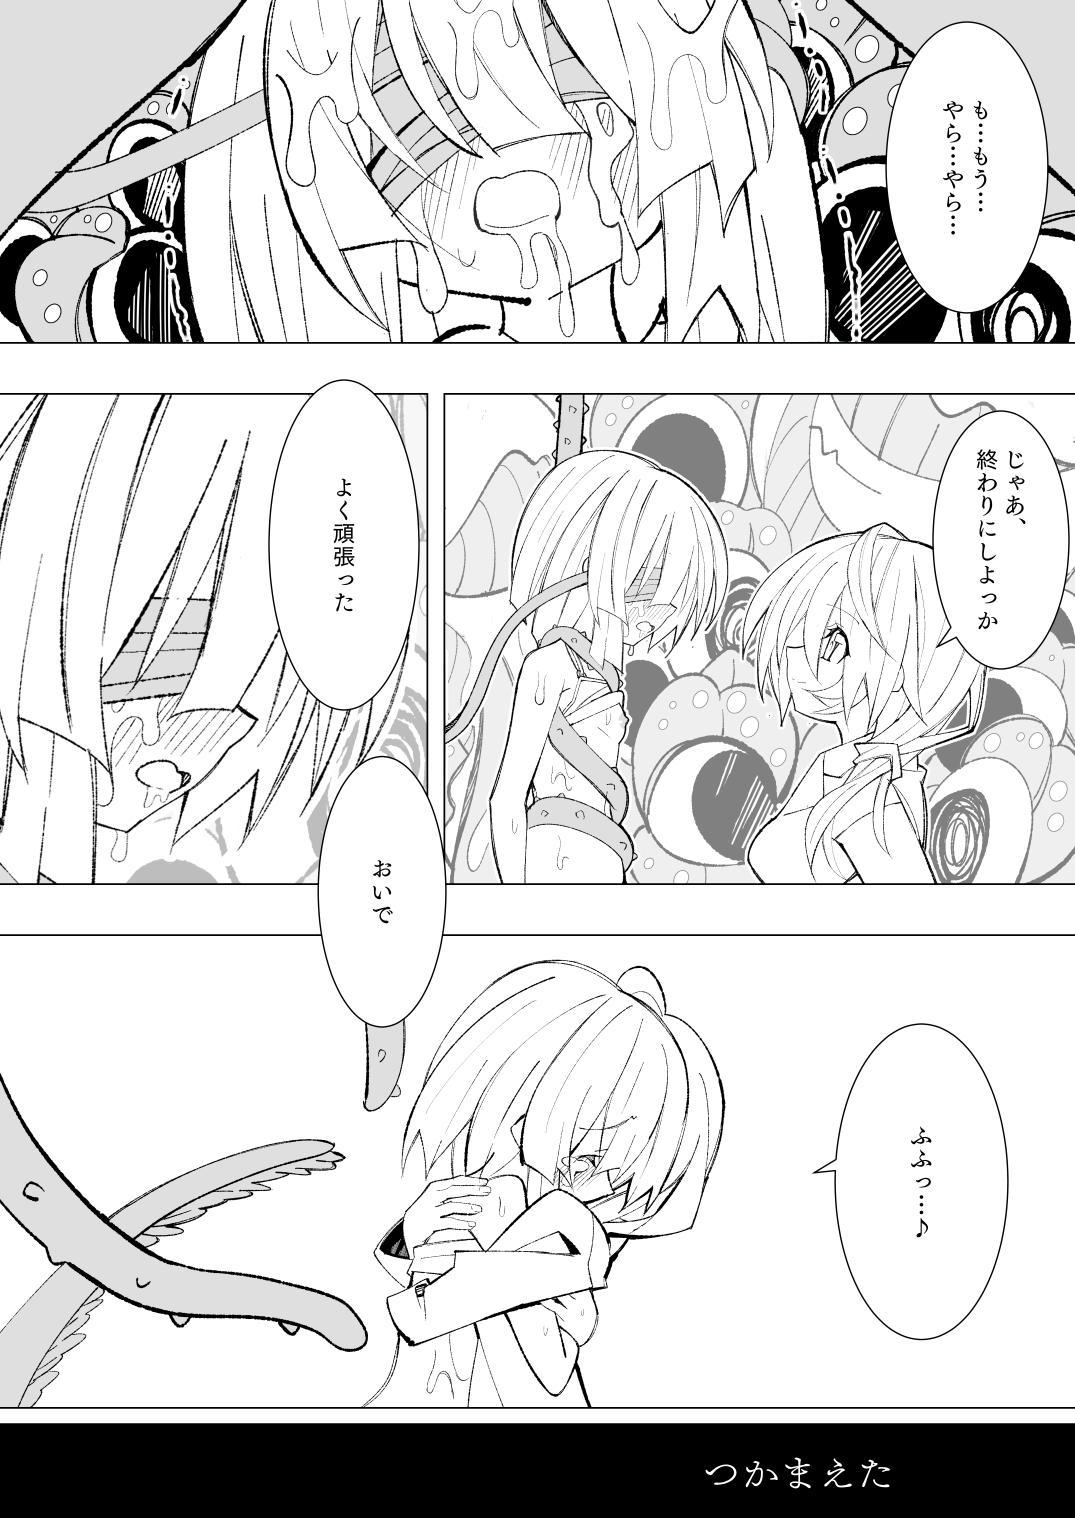 Ishu kan fūzoku-gai3 shokubutsu shokushu × rori 31